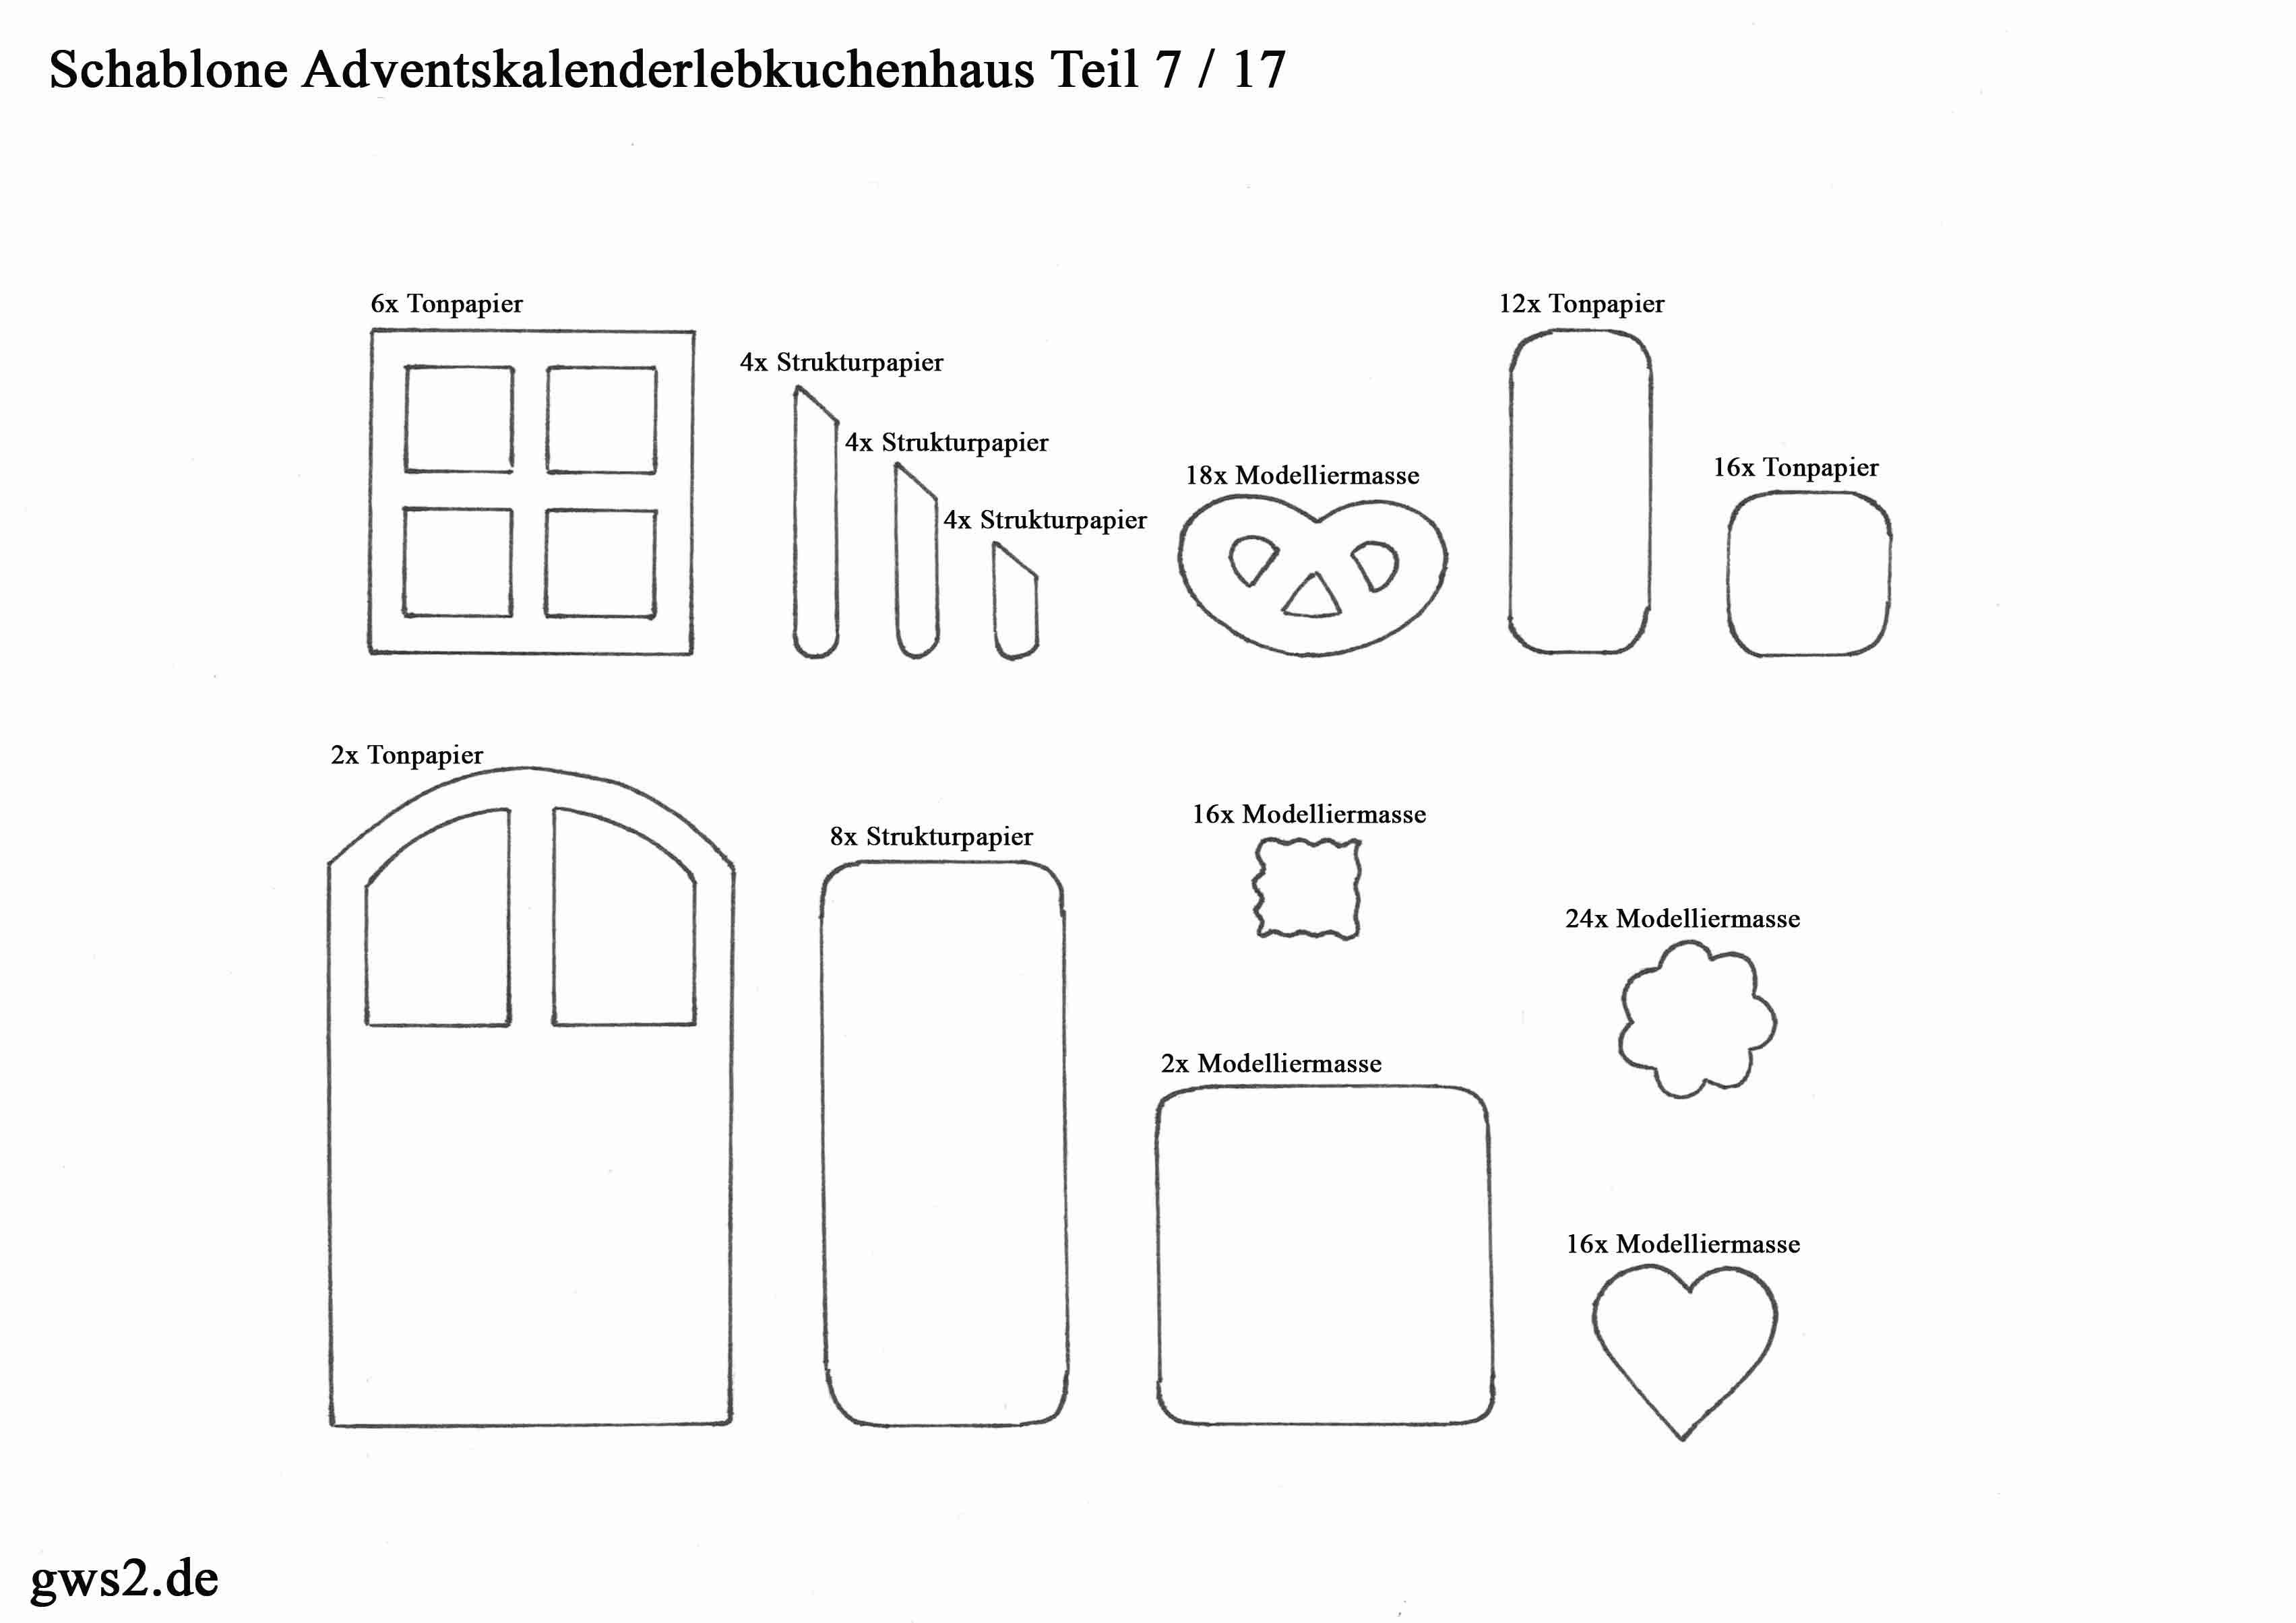 Adventskalender basteln: Lebkuchenhaus - Anleitung